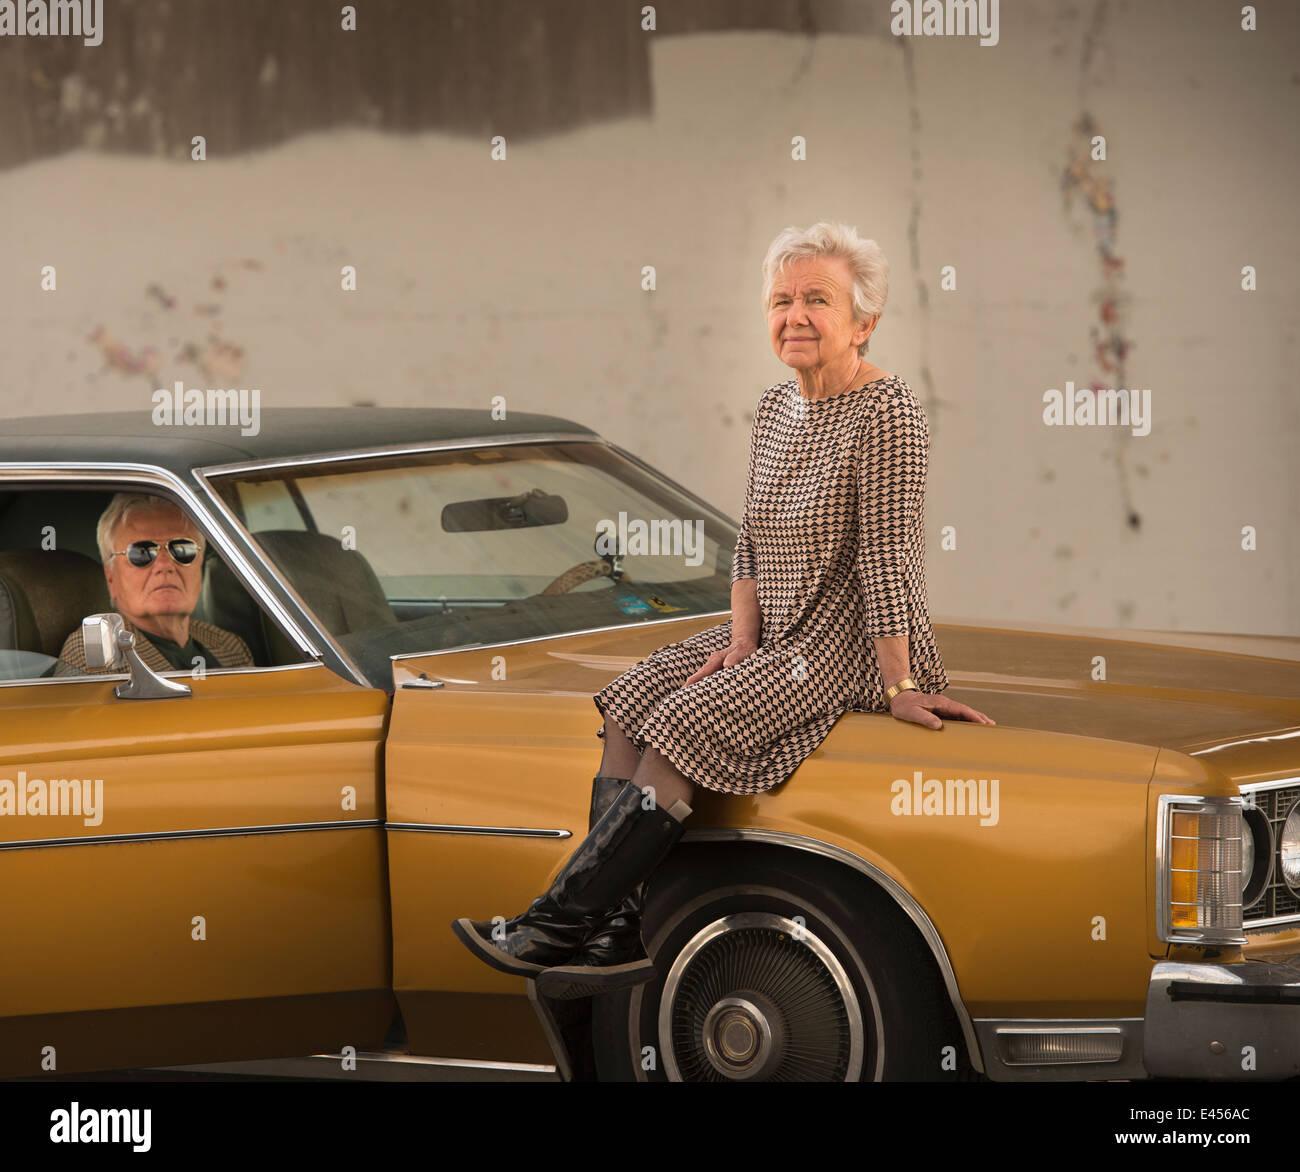 Retrato de cool altos mujer sentada sobre el capó de los maridos automóvil clásico Imagen De Stock